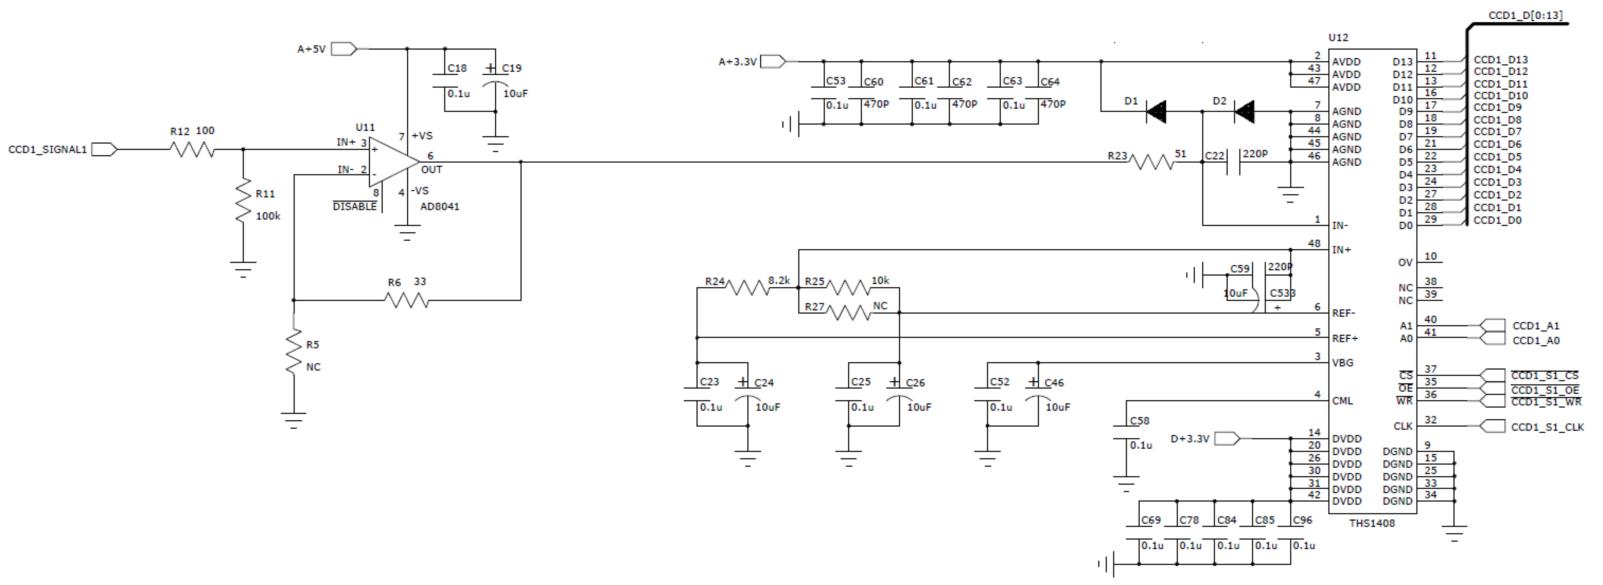 ths1408参考电压偏移问题